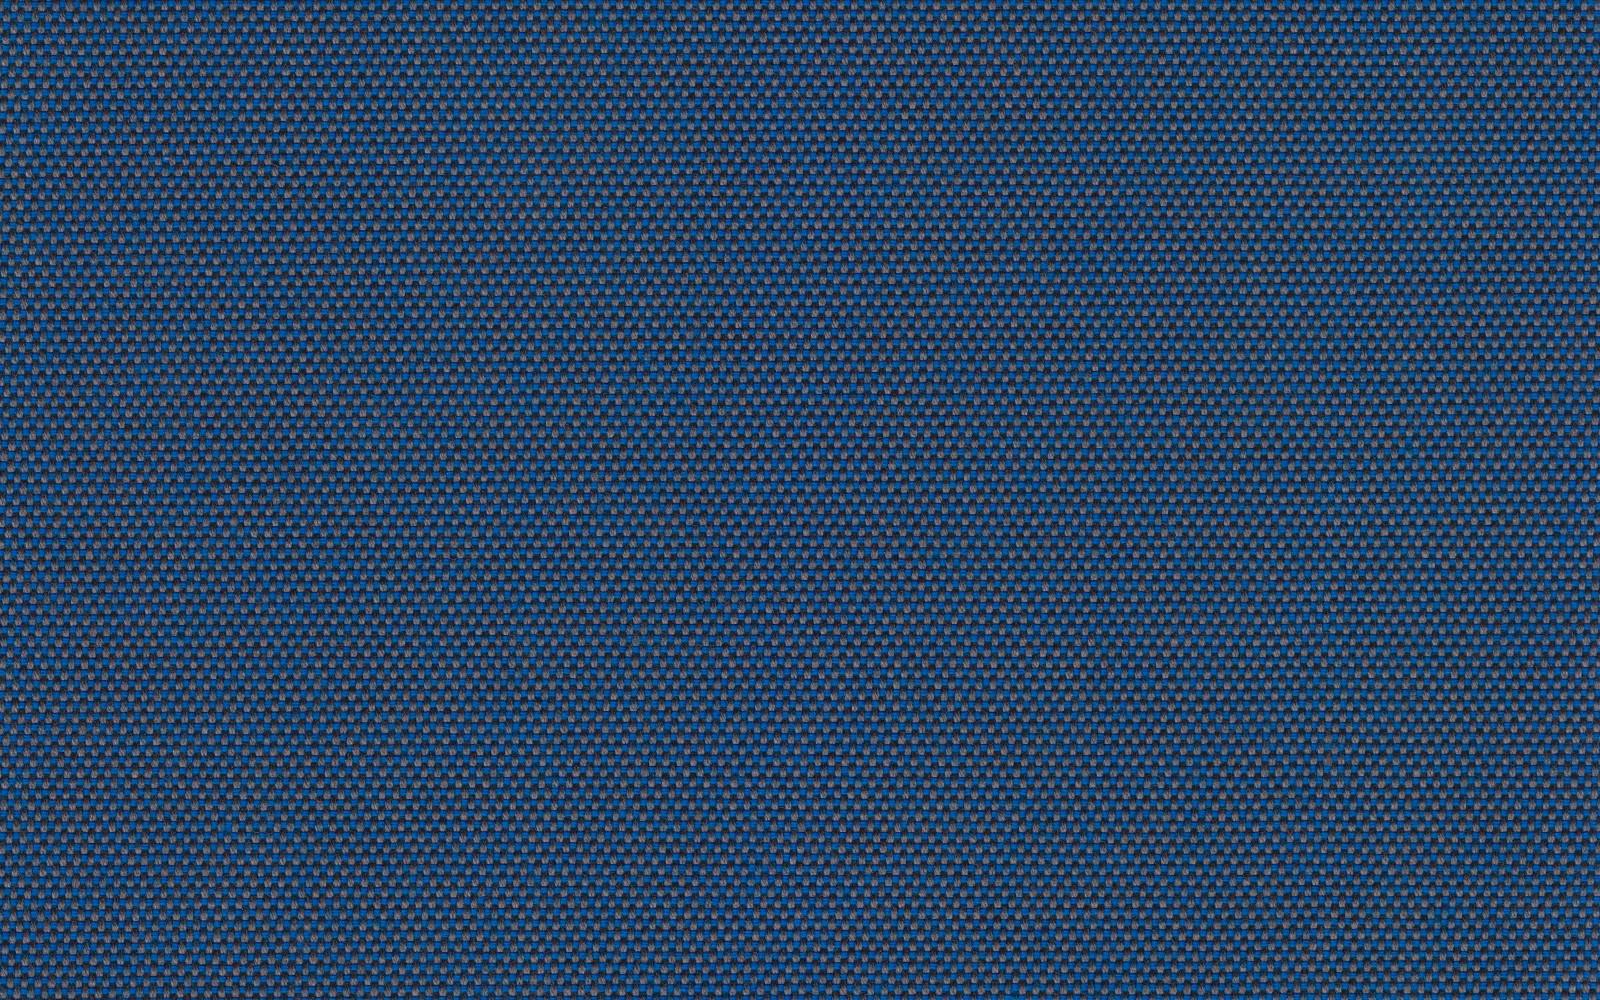 Blue1007